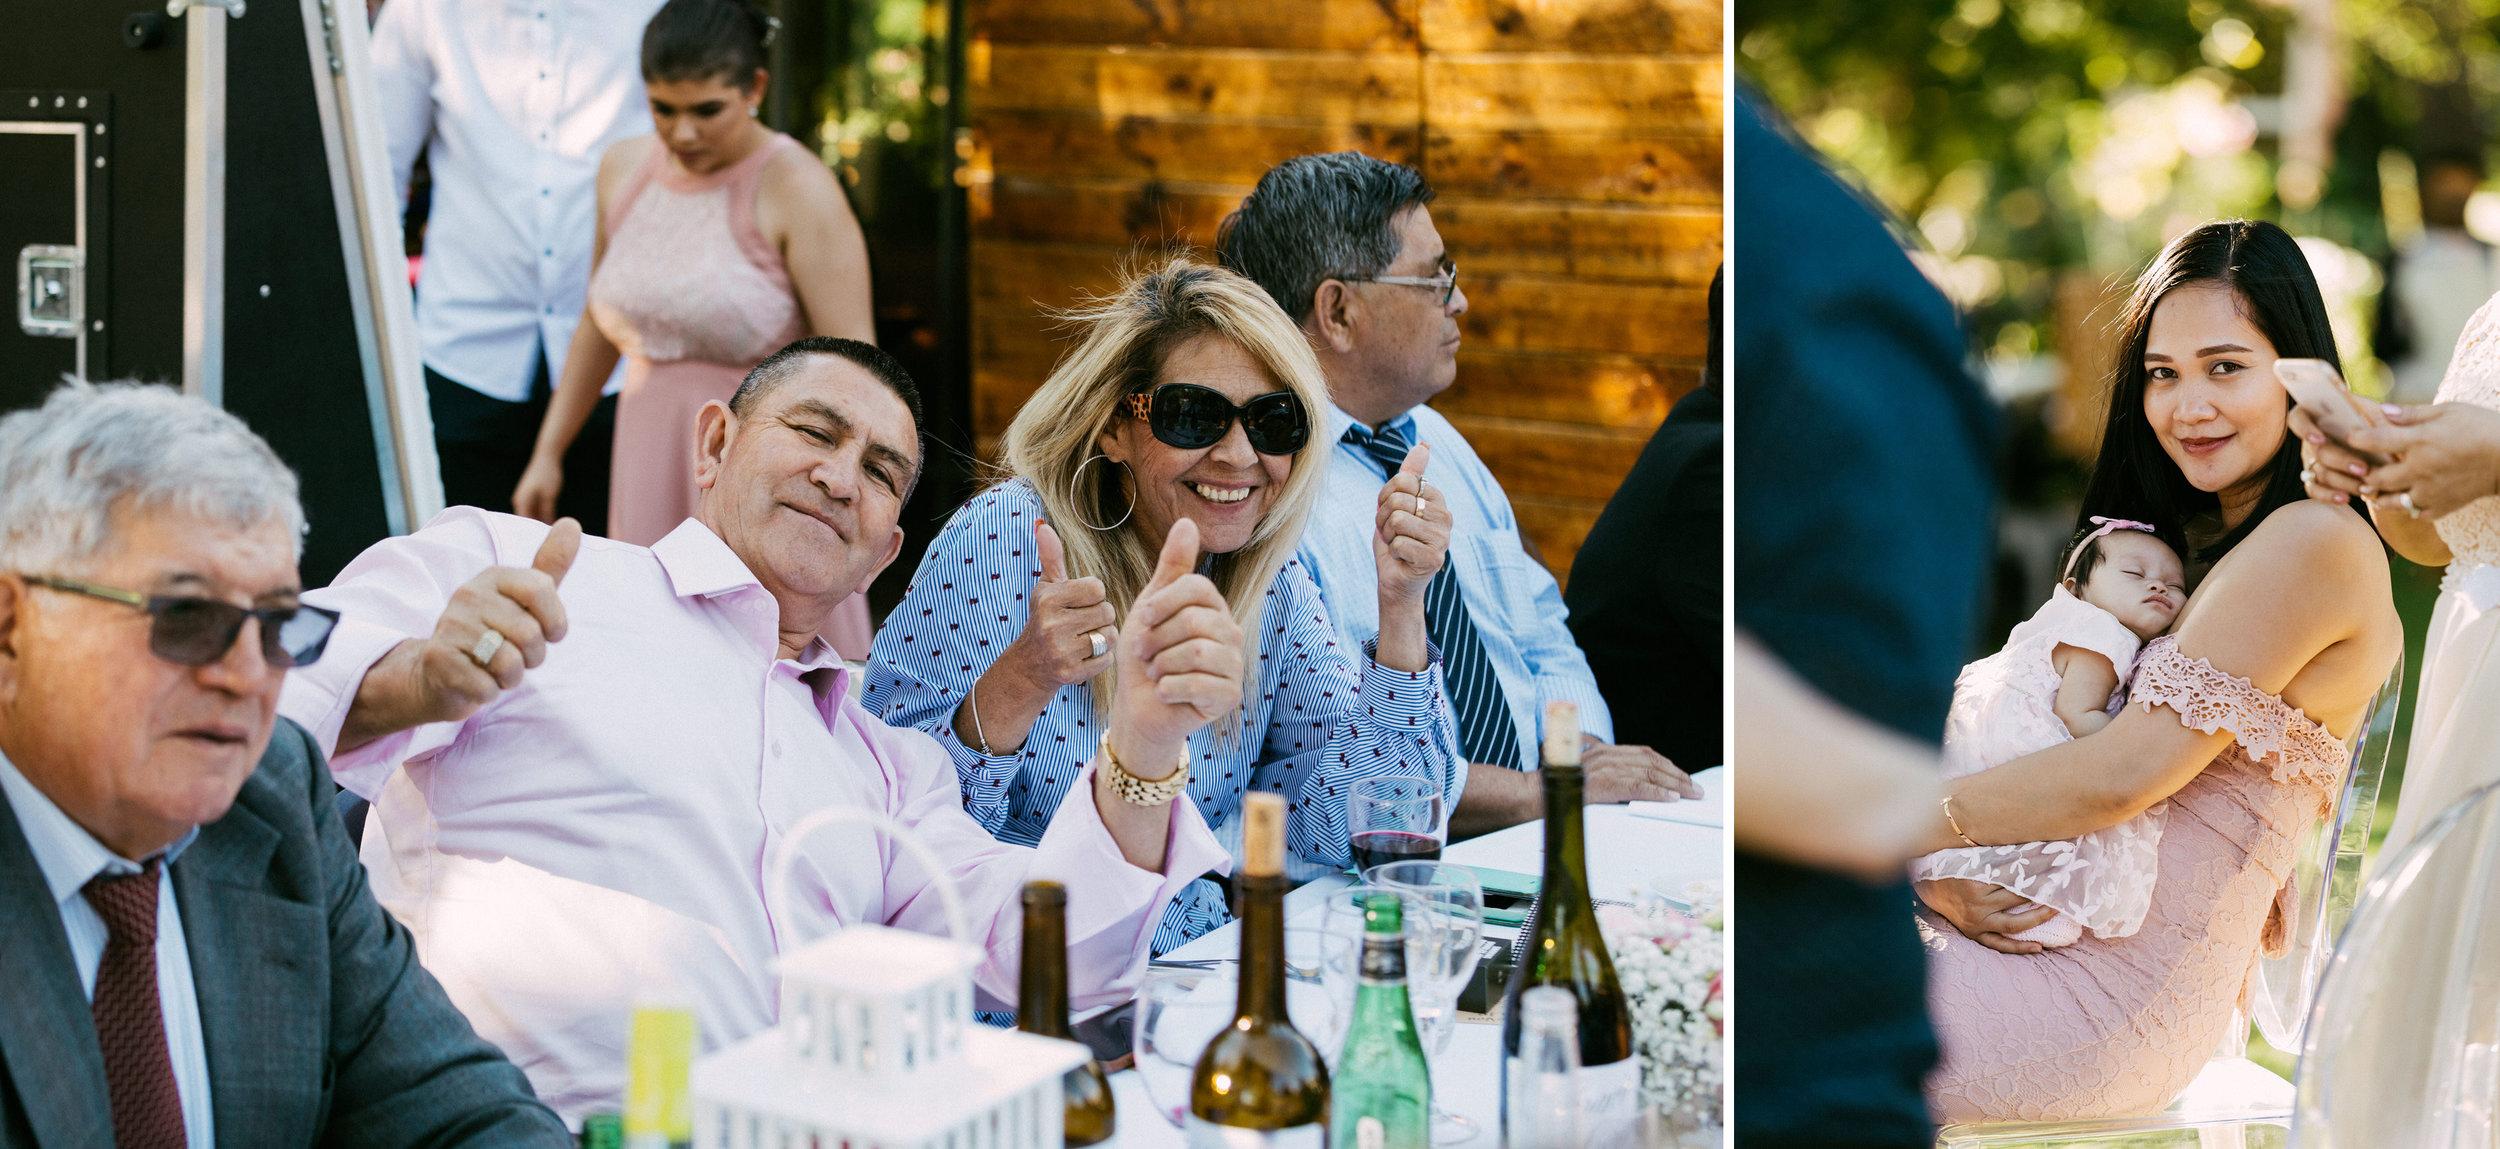 Al Ru Farm Summer Wedding 104.jpg